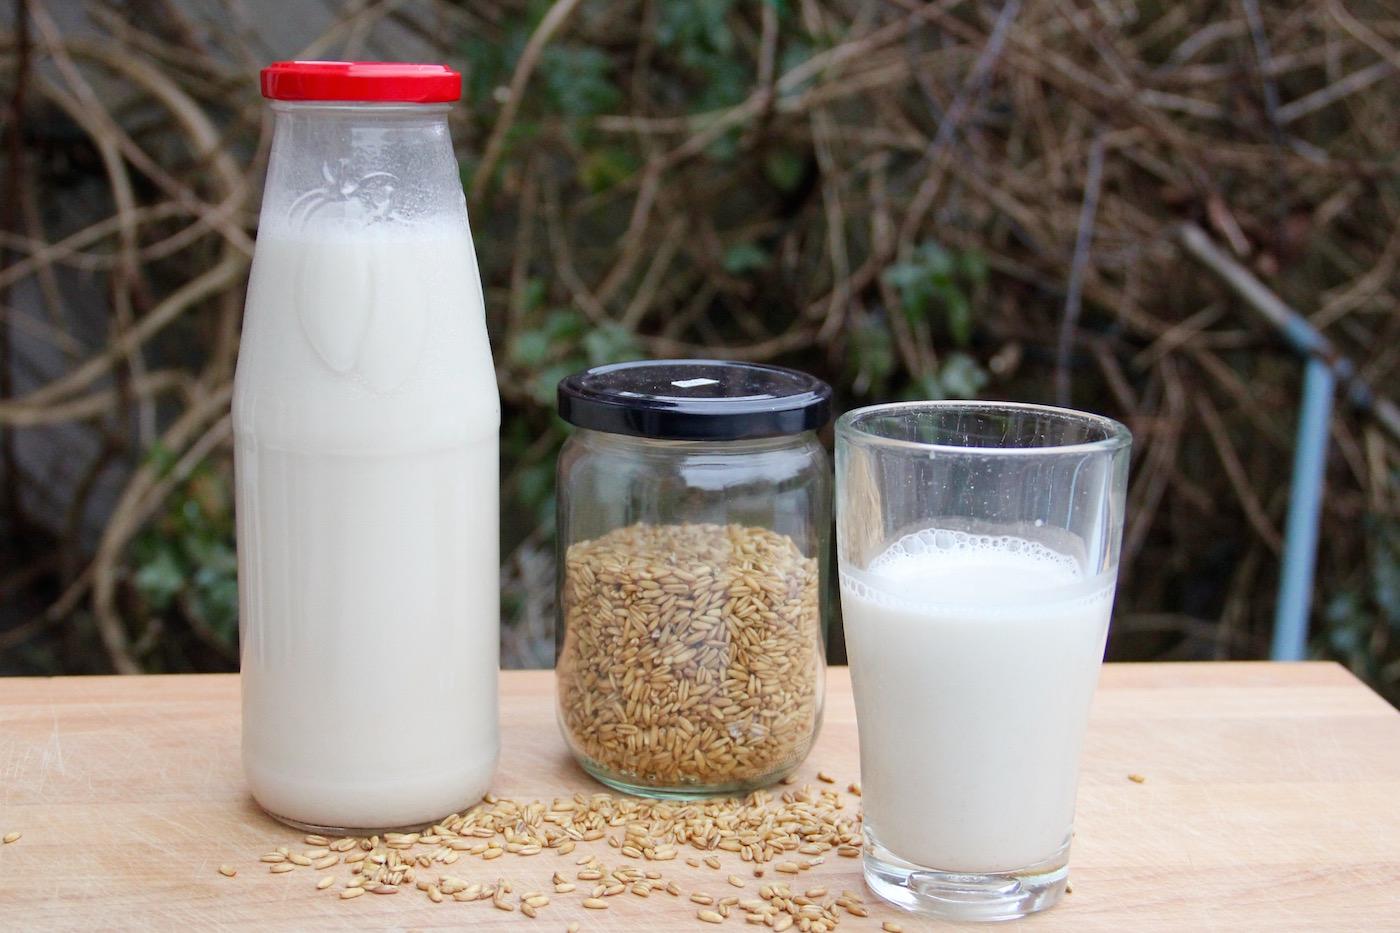 selbst hergestellte Hafermilch in einer Flasche, ein Glas voll Hafermilch und Haferkörner in einem weiteren Glas